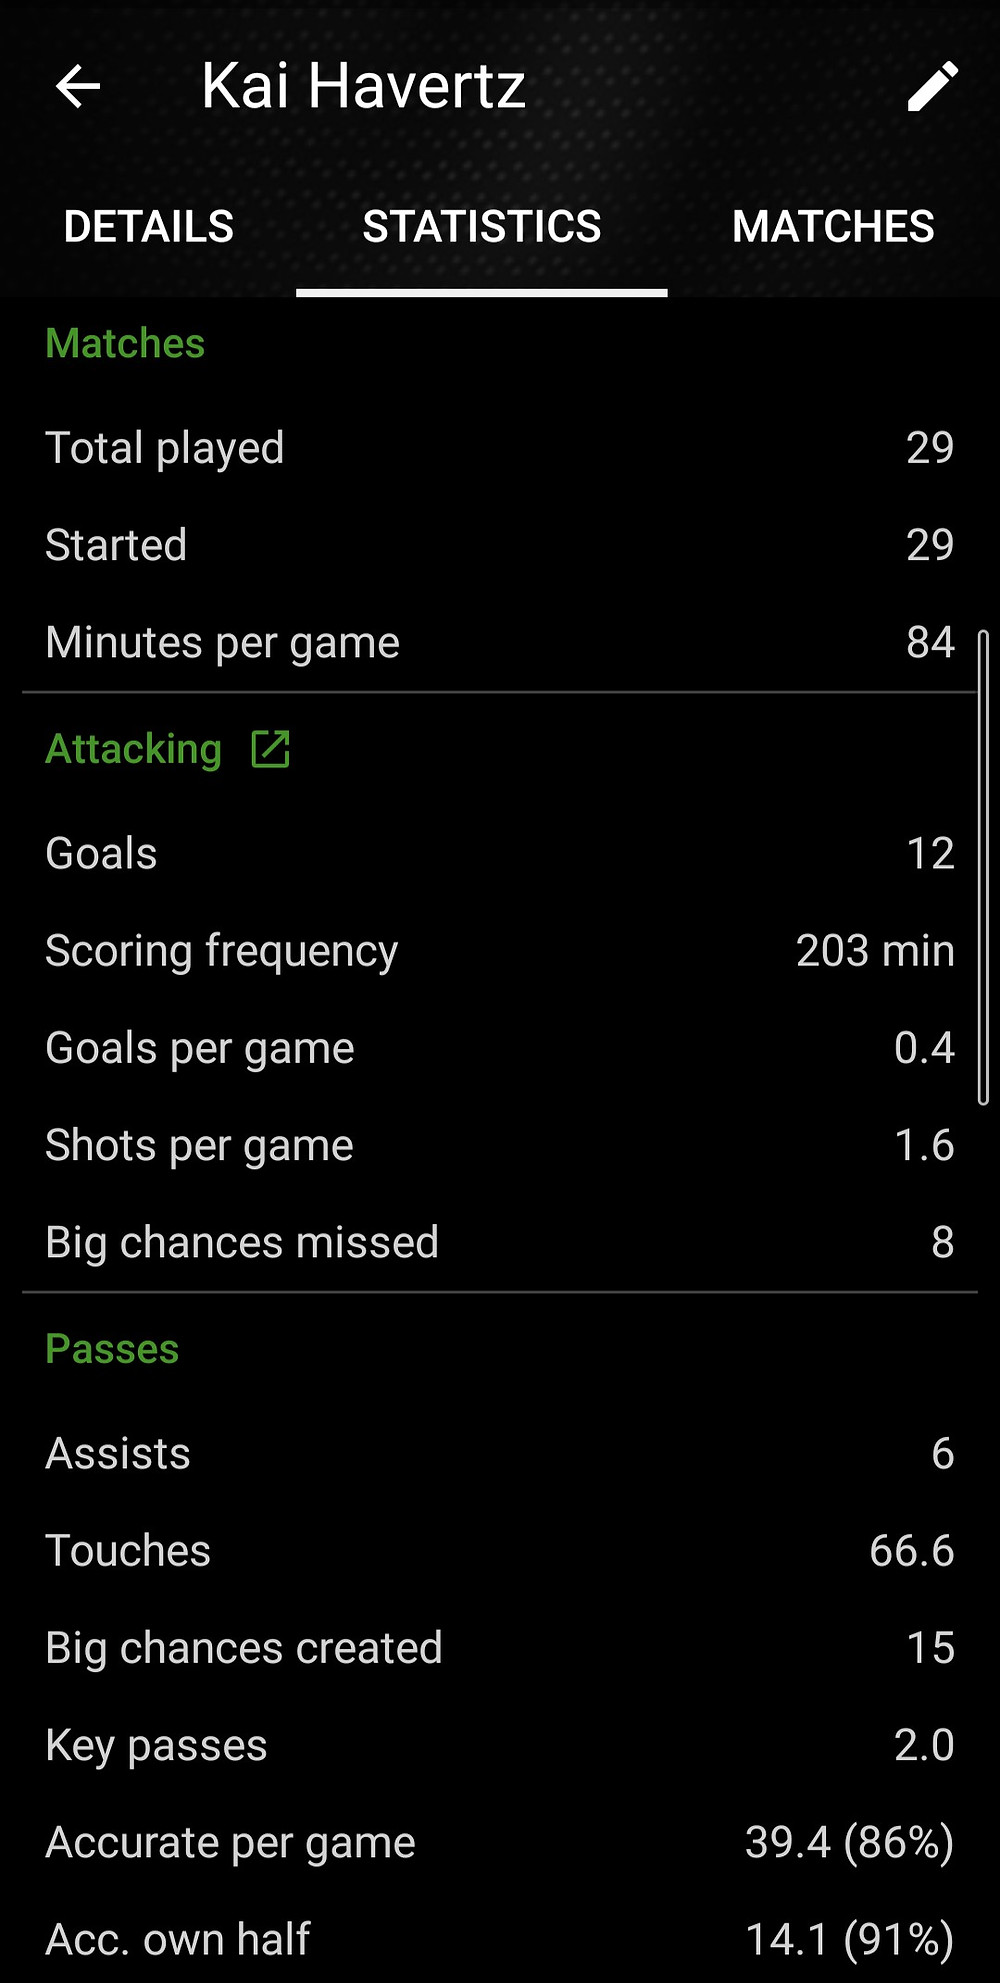 Kai Havertz SofaScore Statistics 2019-20 Season